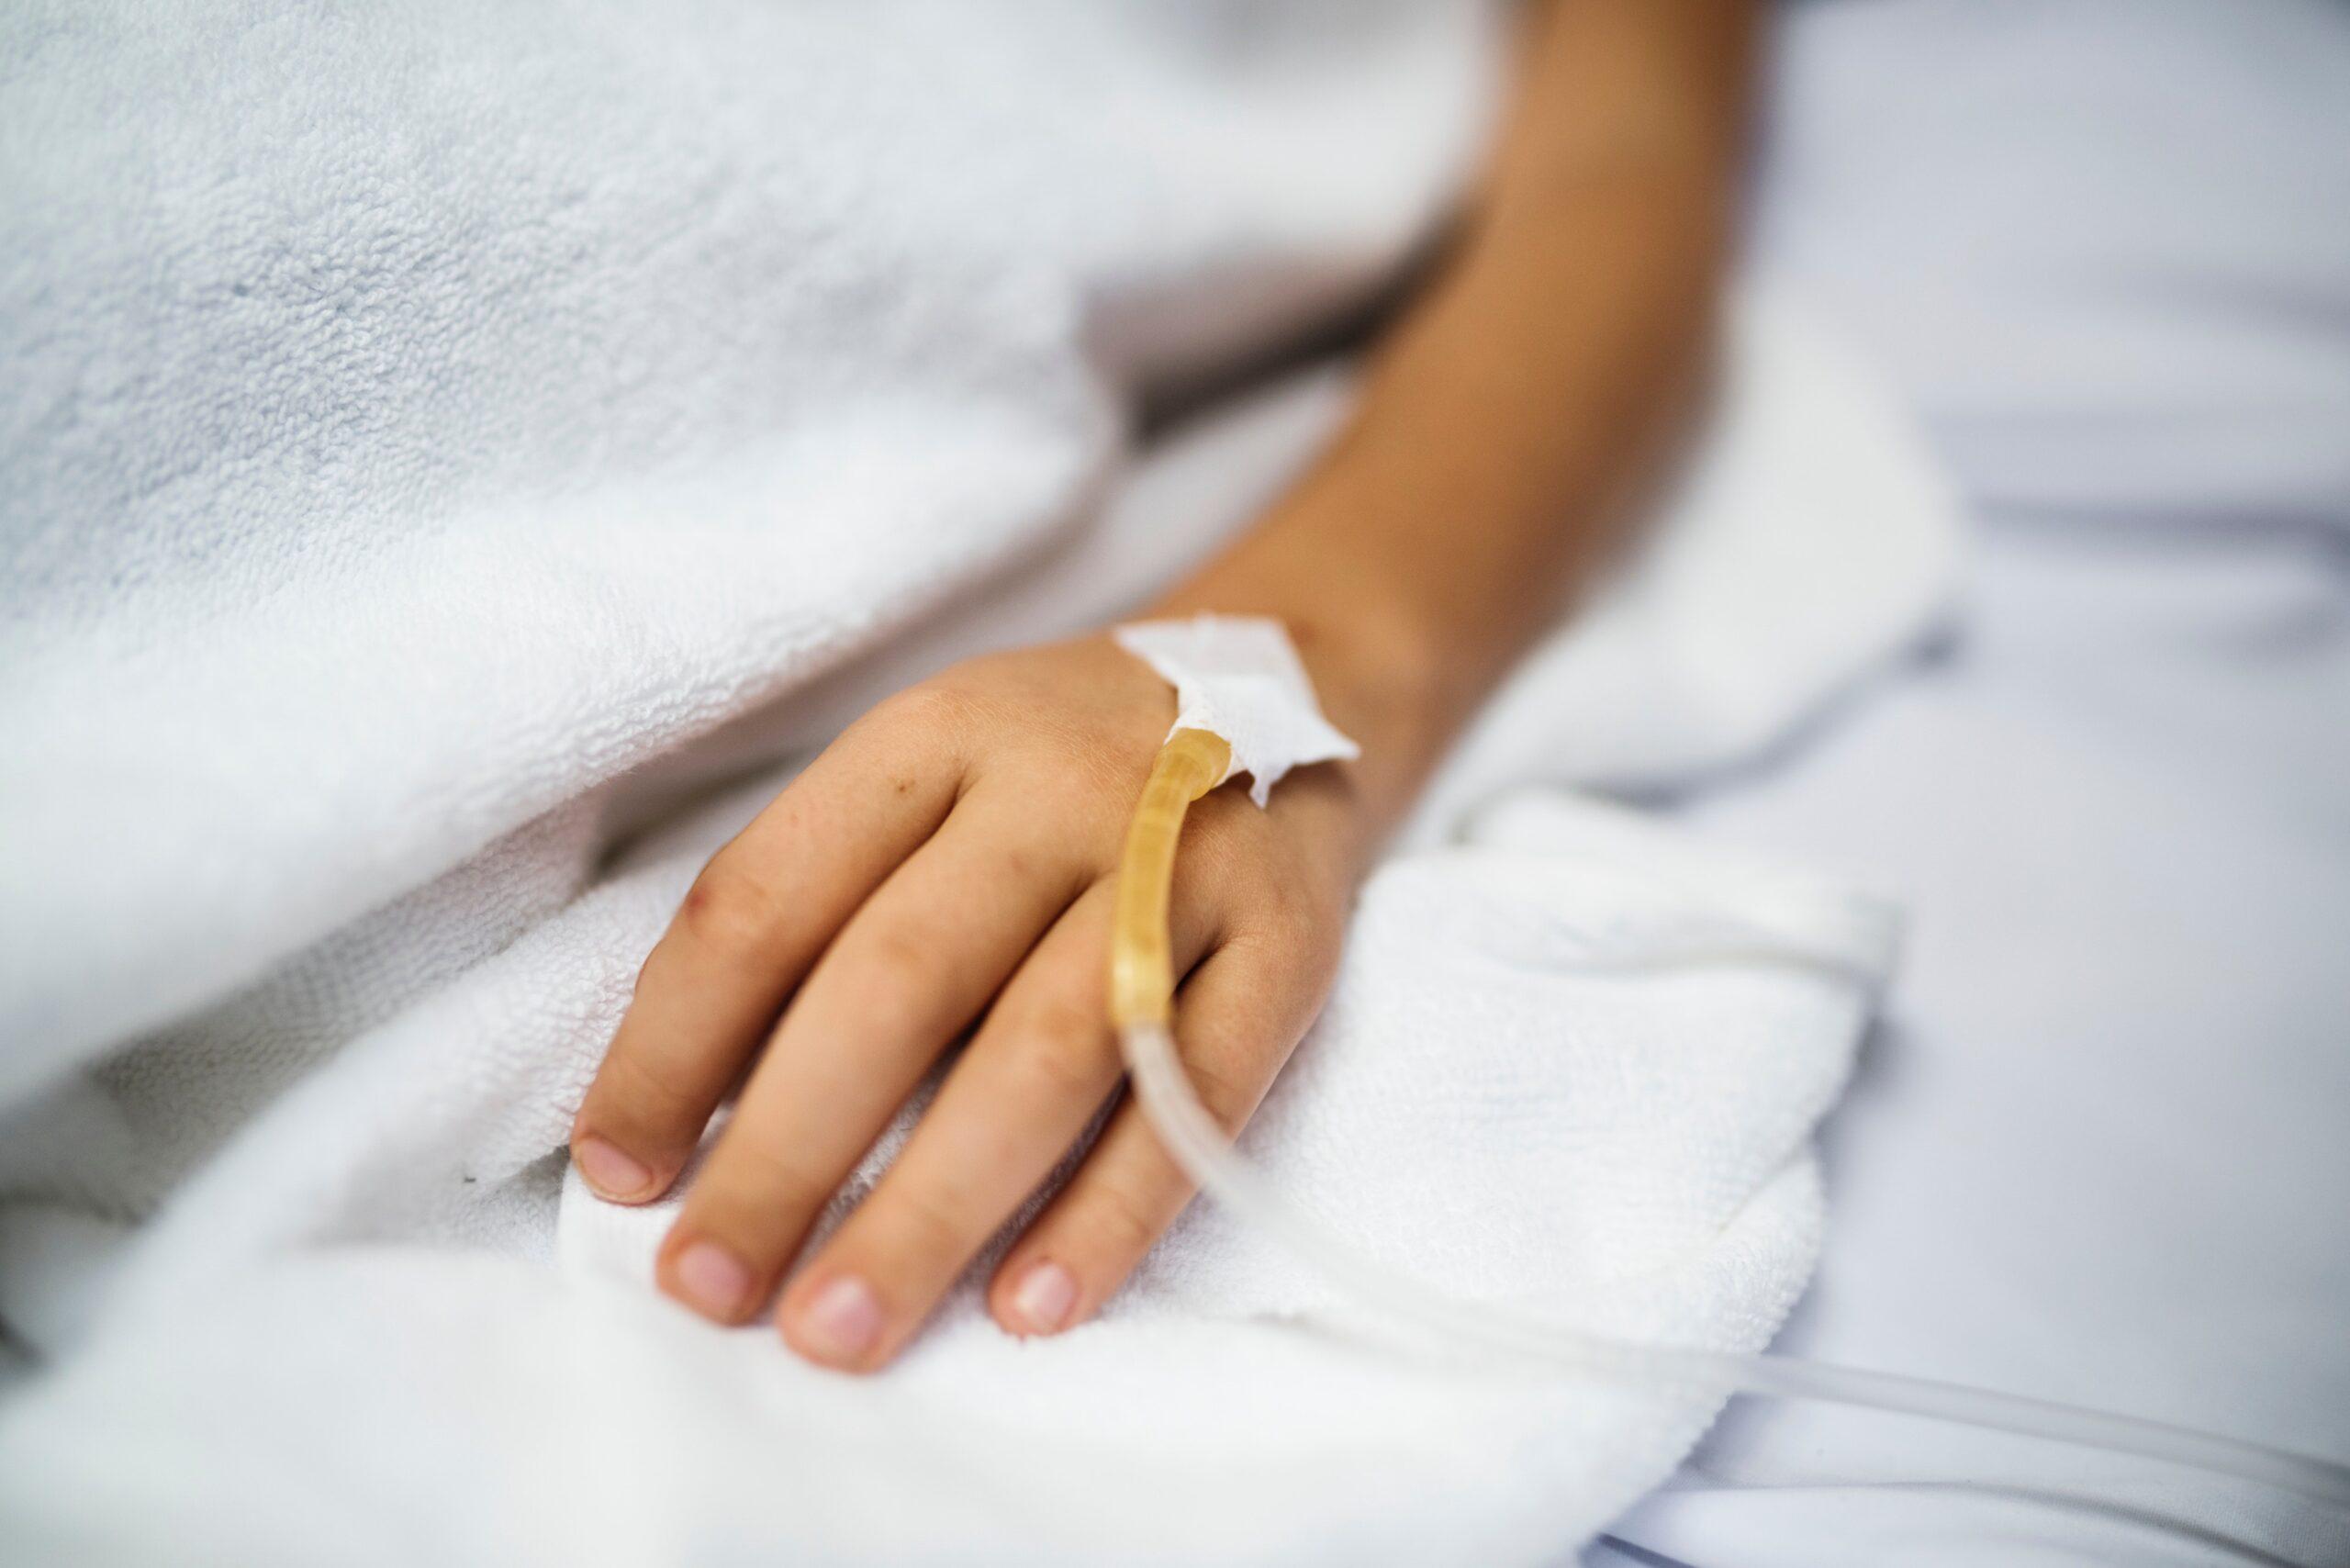 Ларингэктомия гортани после операции